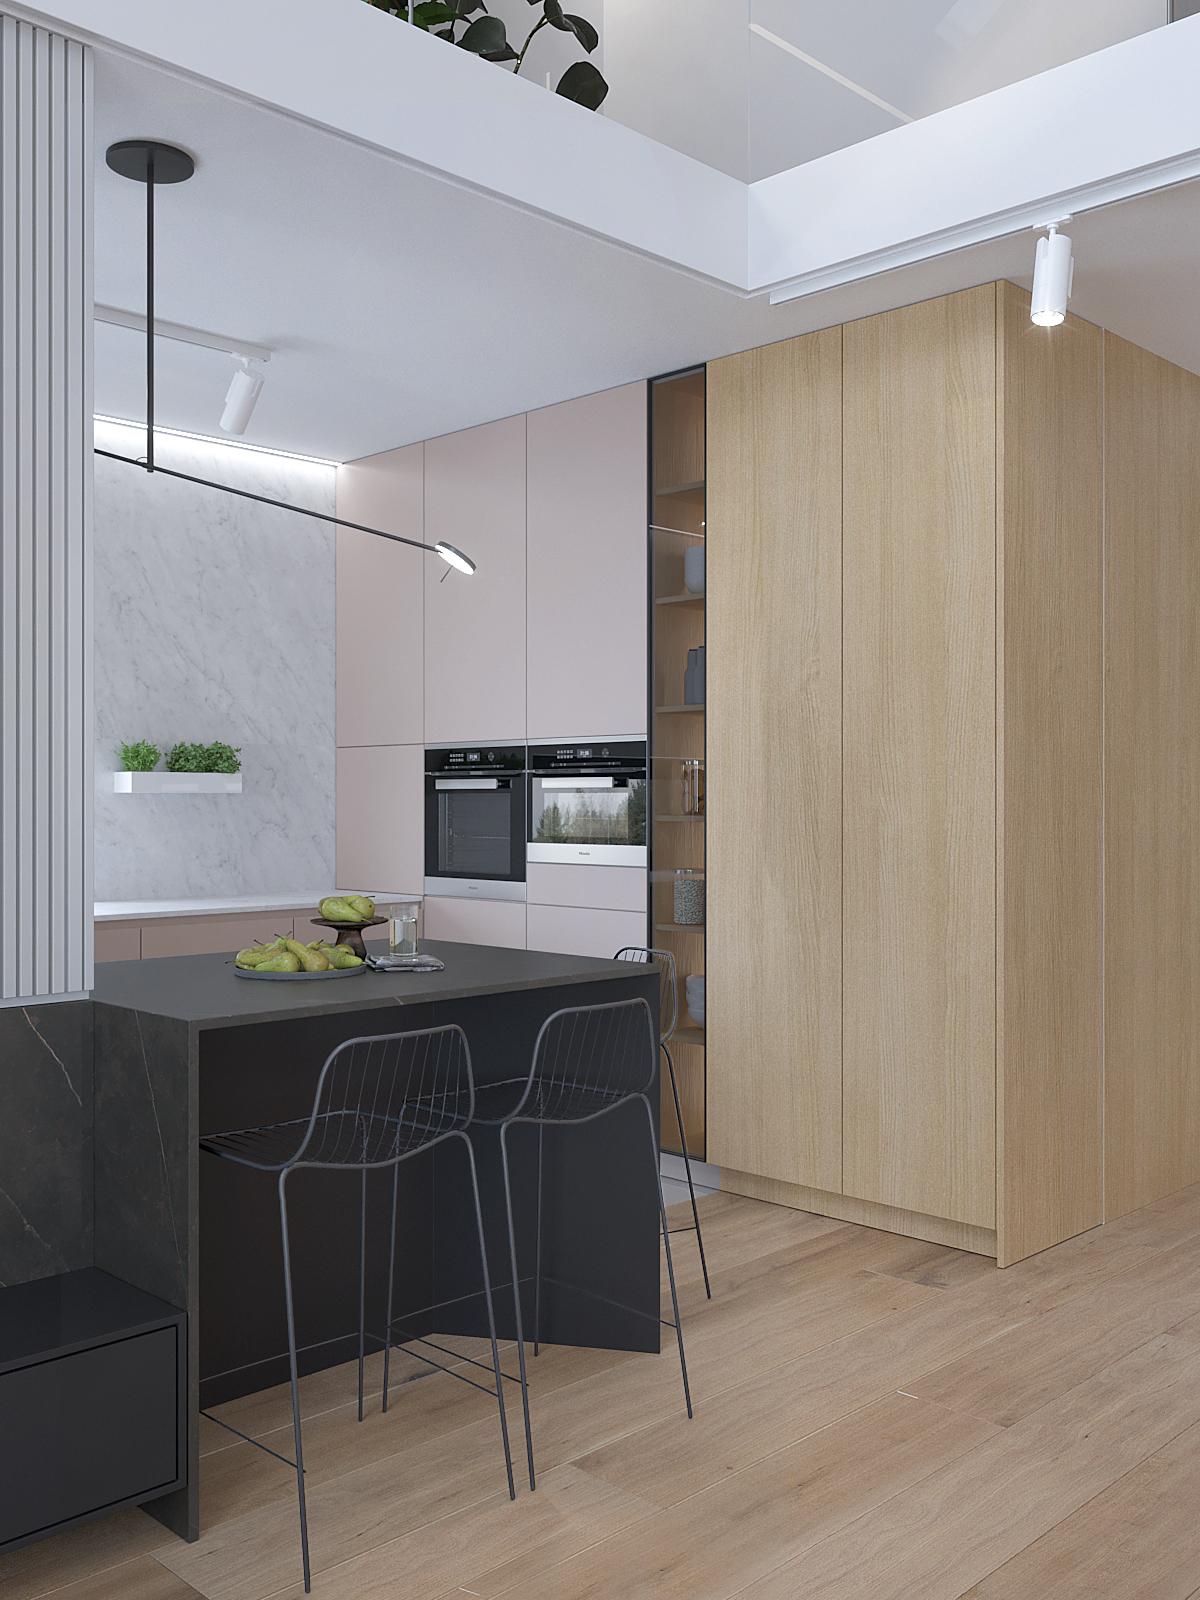 7 architekt wnetrz D428 dom Ruda Slaska kuchnia bezowe fronty drewniane fronty polywspa grefitowa z hokerami